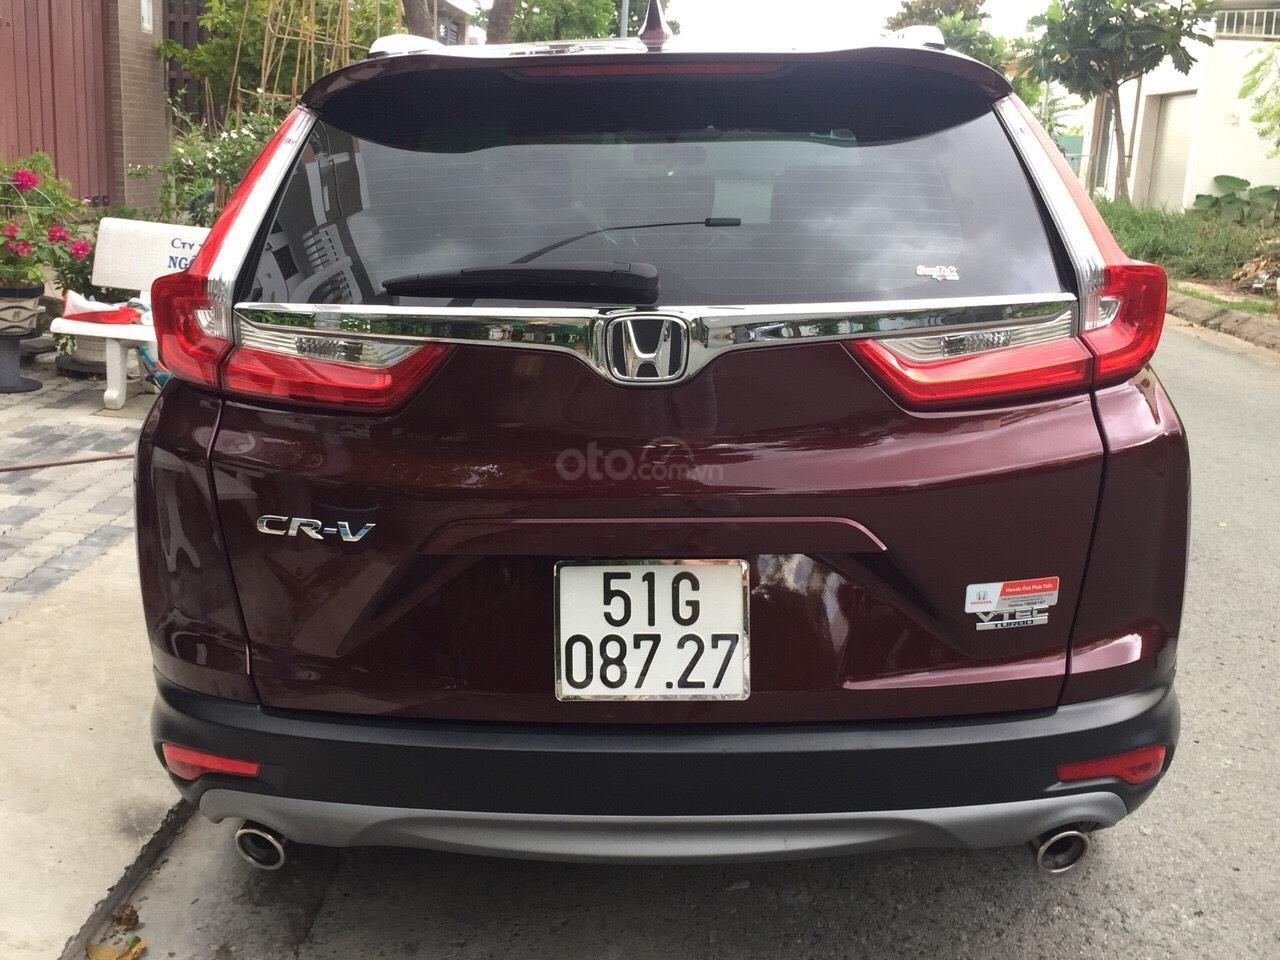 Bán Honda CR-V 1.5G 2018 màu đỏ mận xe đẹp không lỗi đi đúng 11.000km, cam kết chất lượng bao kiểm tra hãng-5